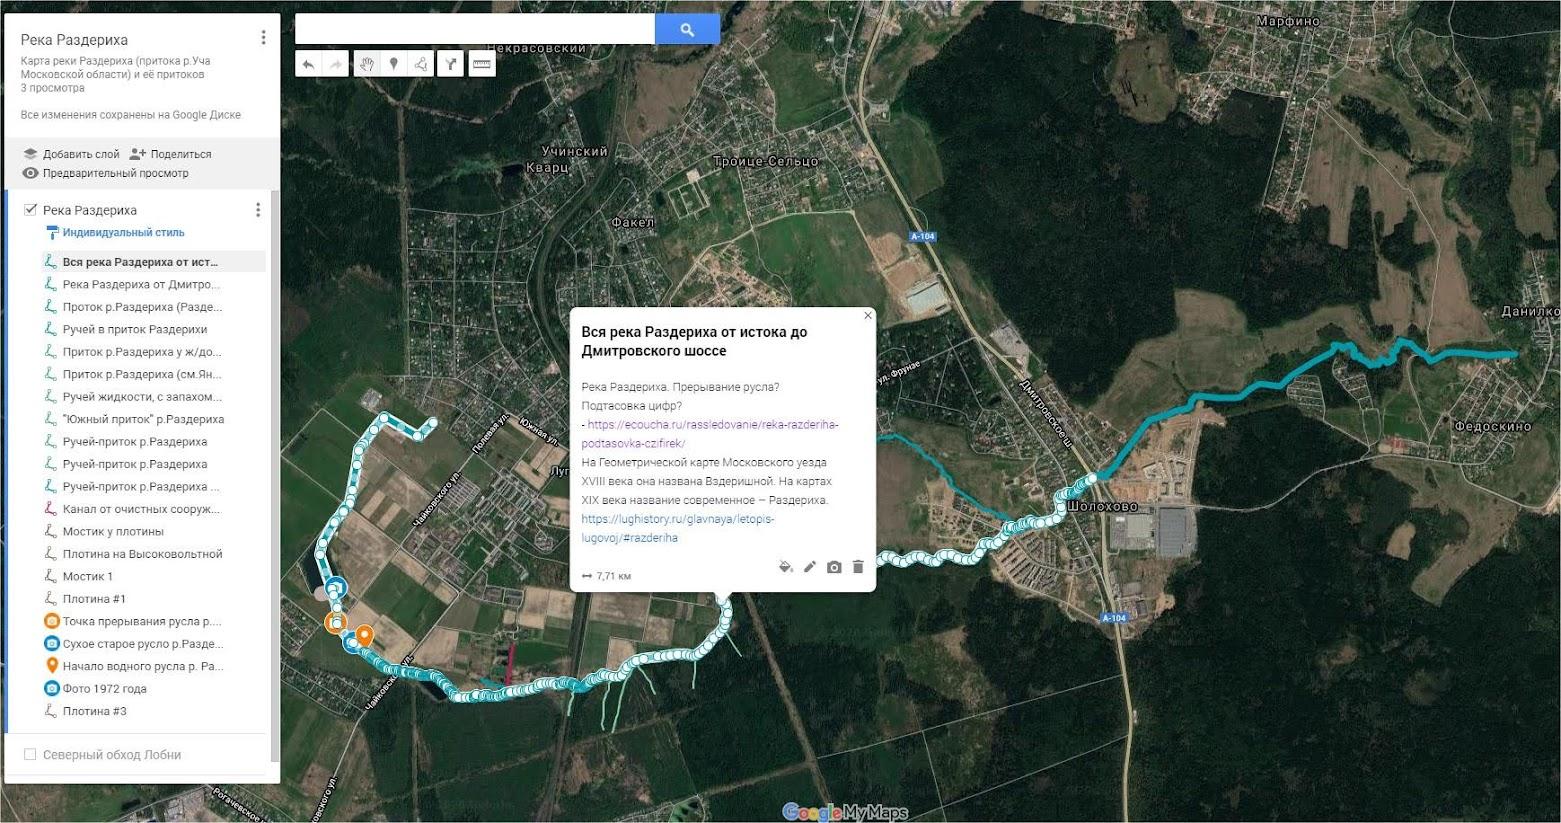 Вся река Раздериха от истока до Дмитровского шоссе